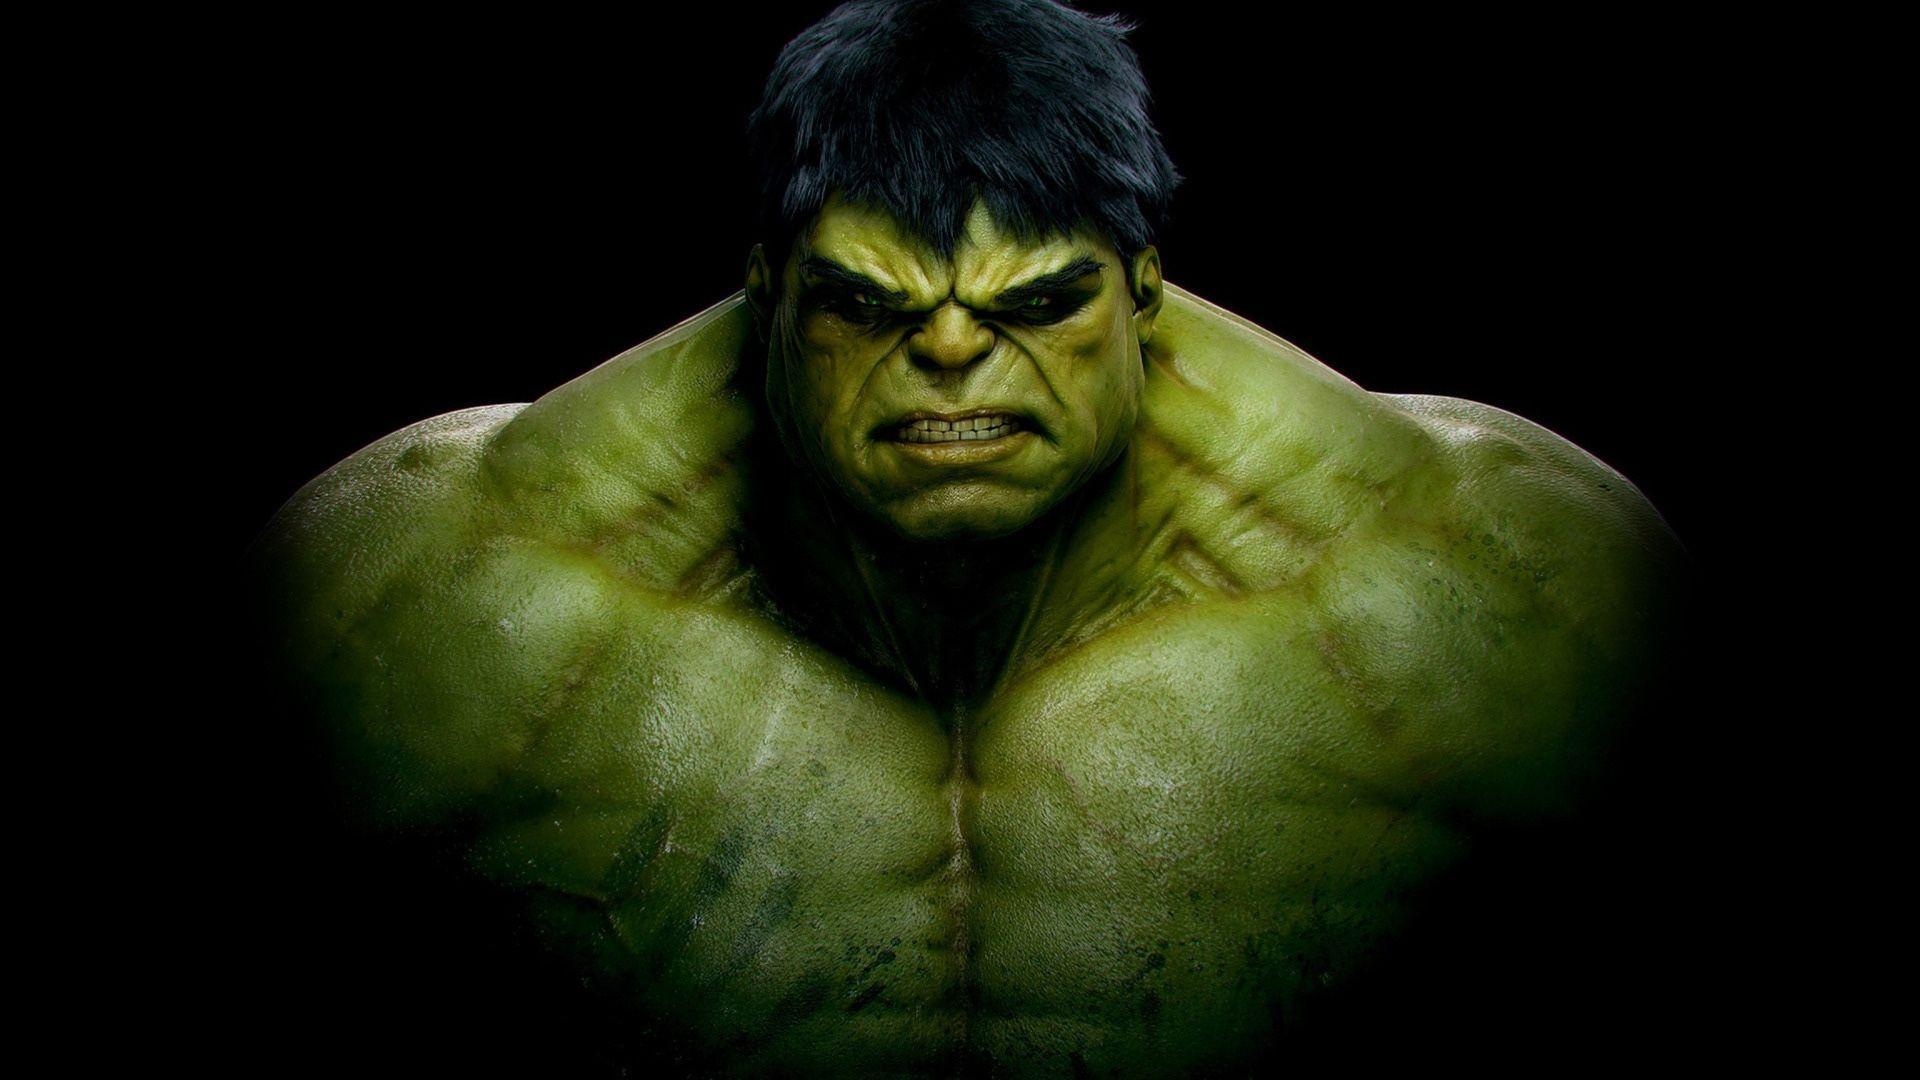 1920x1080 The Incredible Hulk Superhero Wallpaper HD / Desktop and Mobile